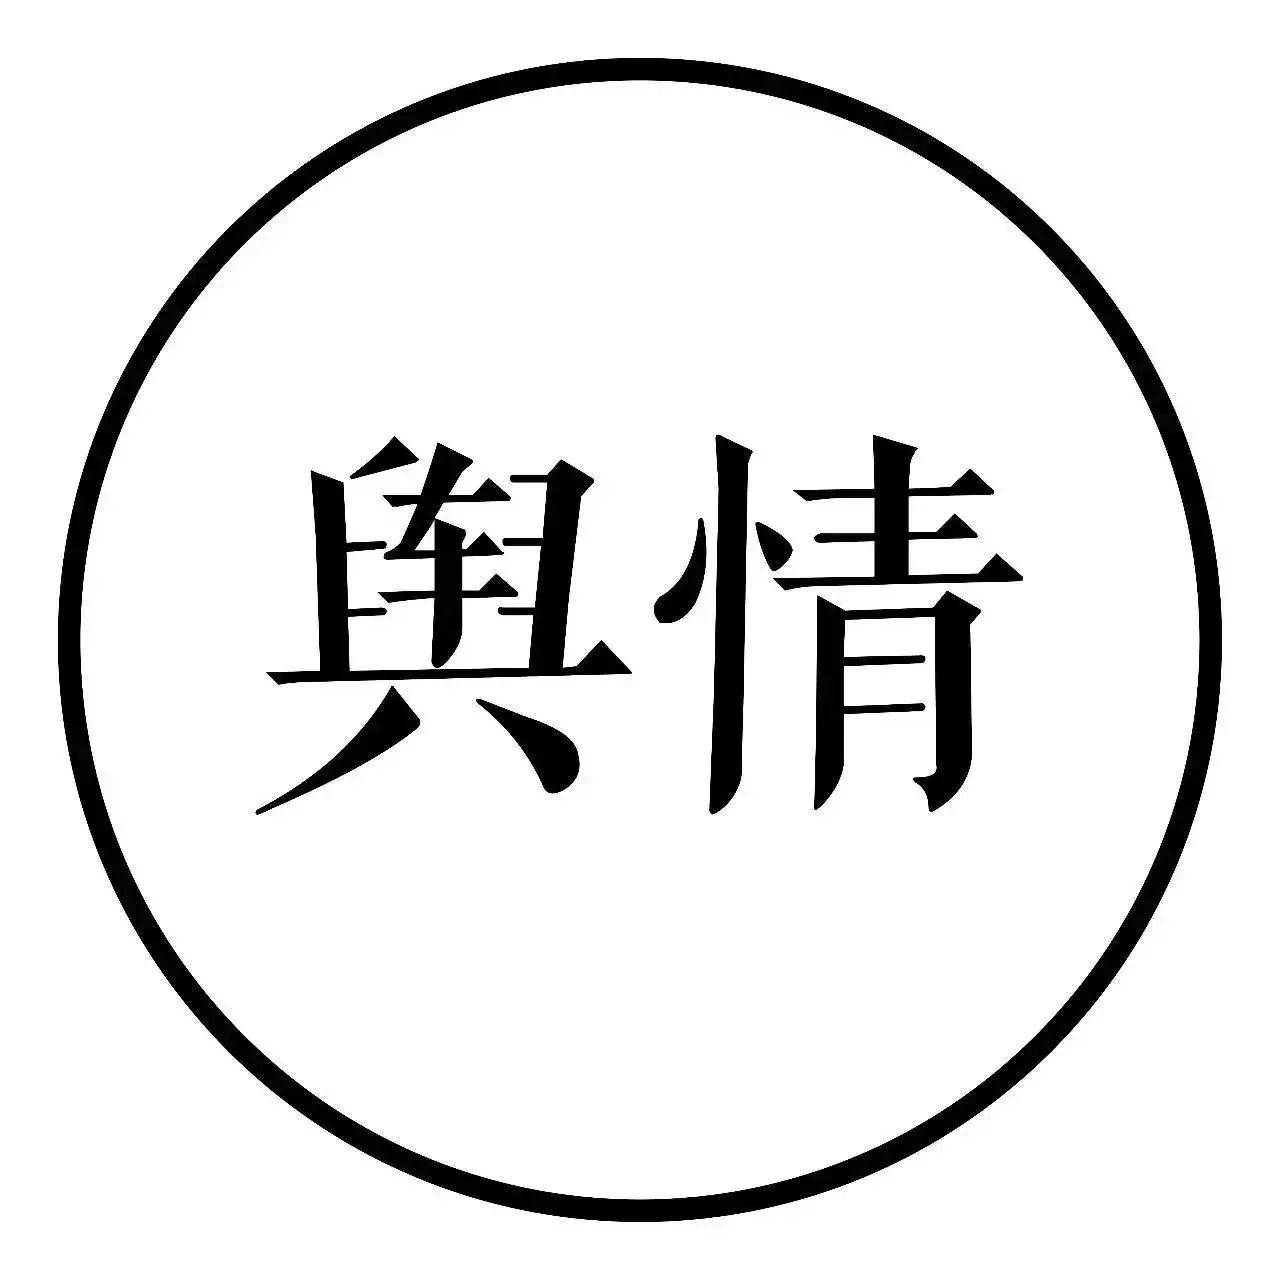 锋芒舆情丨网曝暴风TV员工被通知遣散;《妈阁是座城》定档6.14